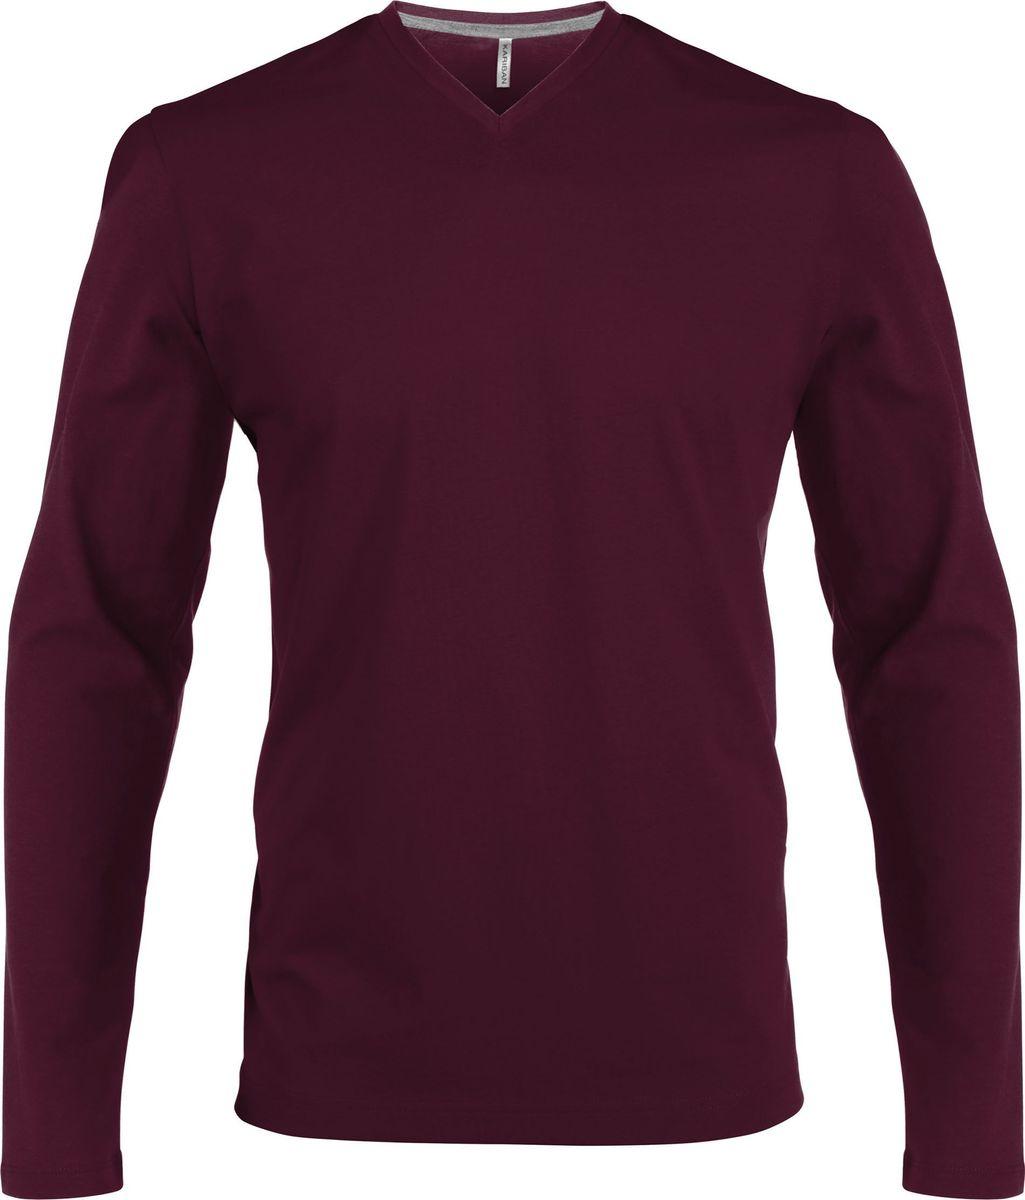 vente pas cher grand choix de 2019 détaillant en ligne Kariban T-shirt manches longues col V - K358 - rouge vin - homme